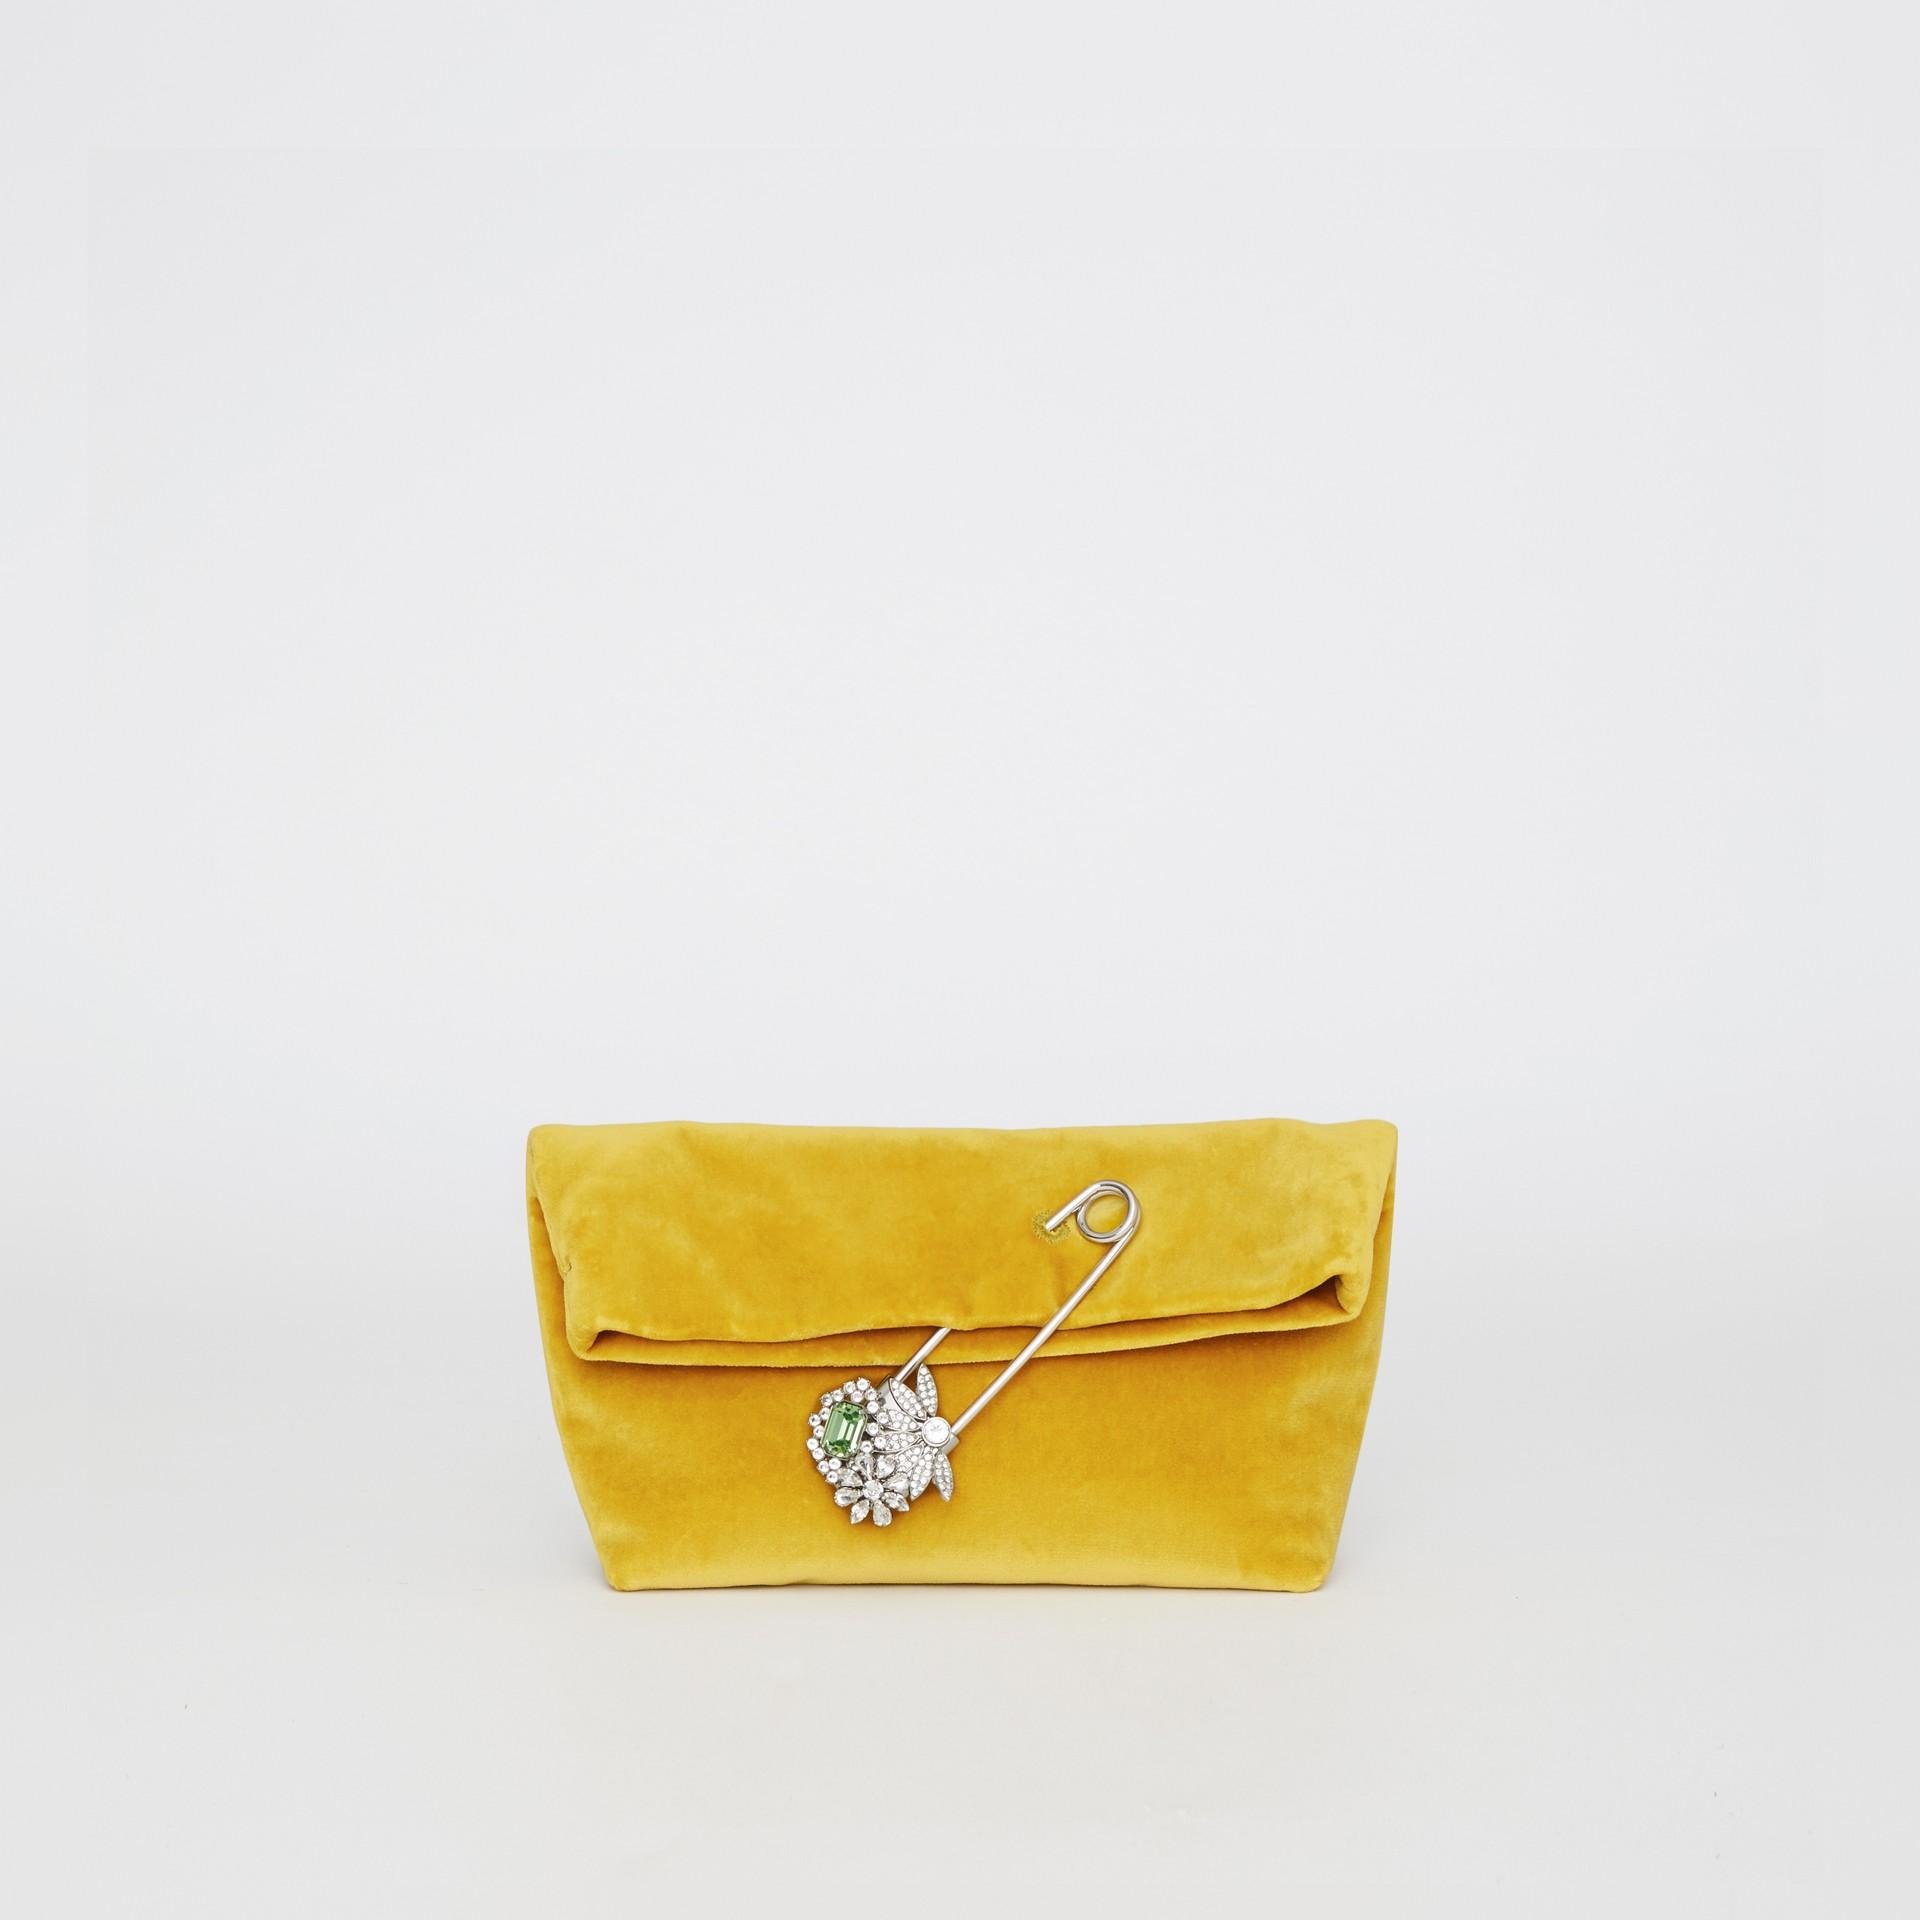 Бархатная сумка Pin Clutch, компактный размер (Желтая Лиственница) - Для женщин | Burberry - изображение 0